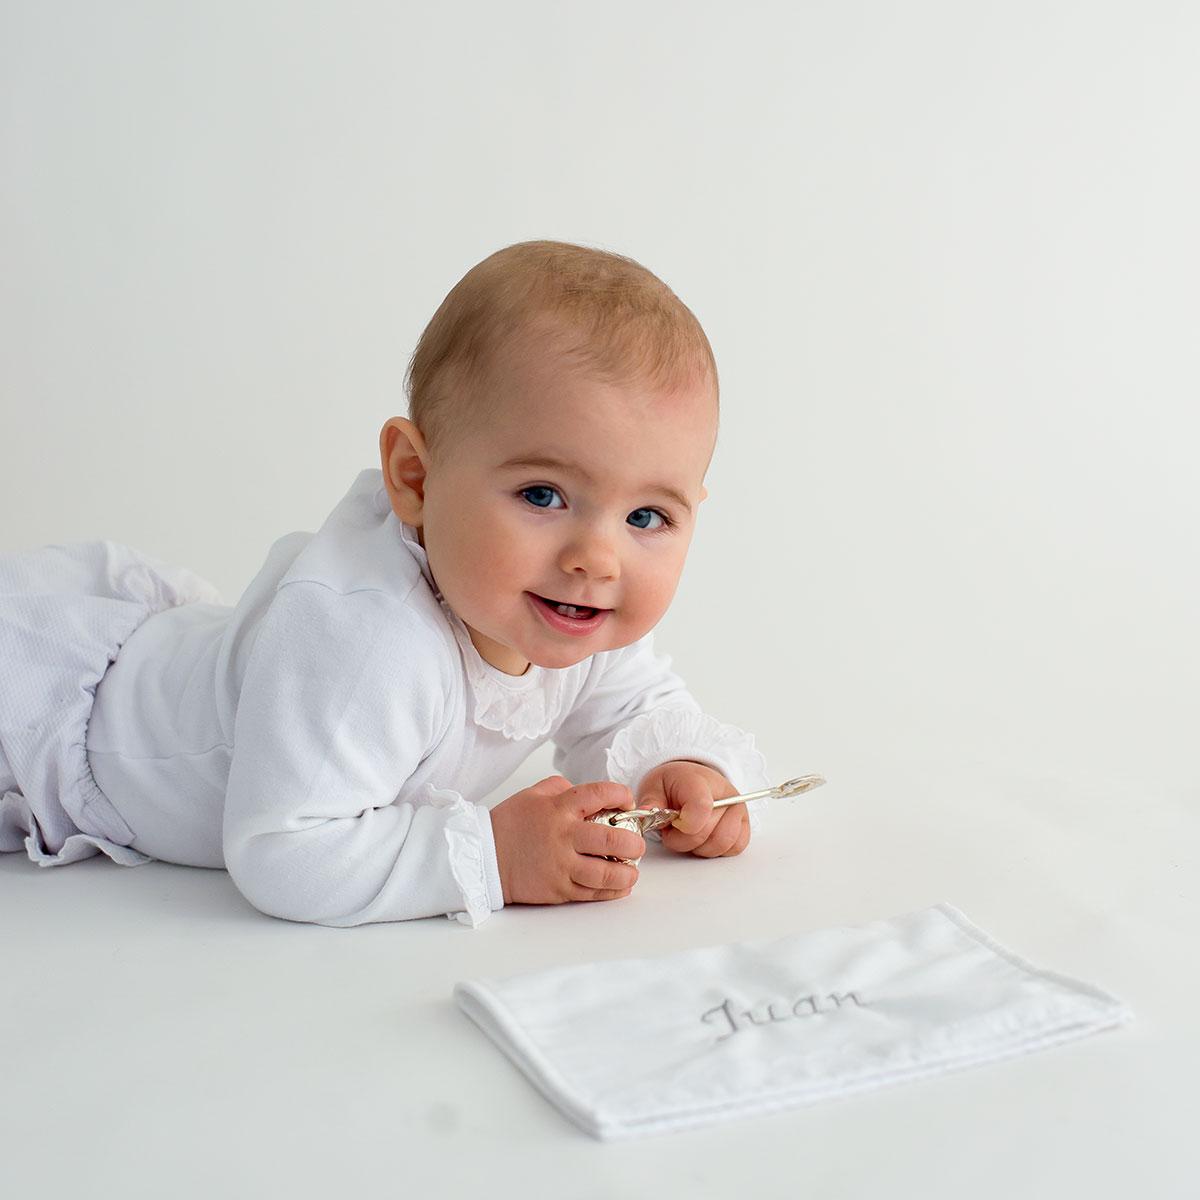 Gasa de bautizo con nombre del bebé